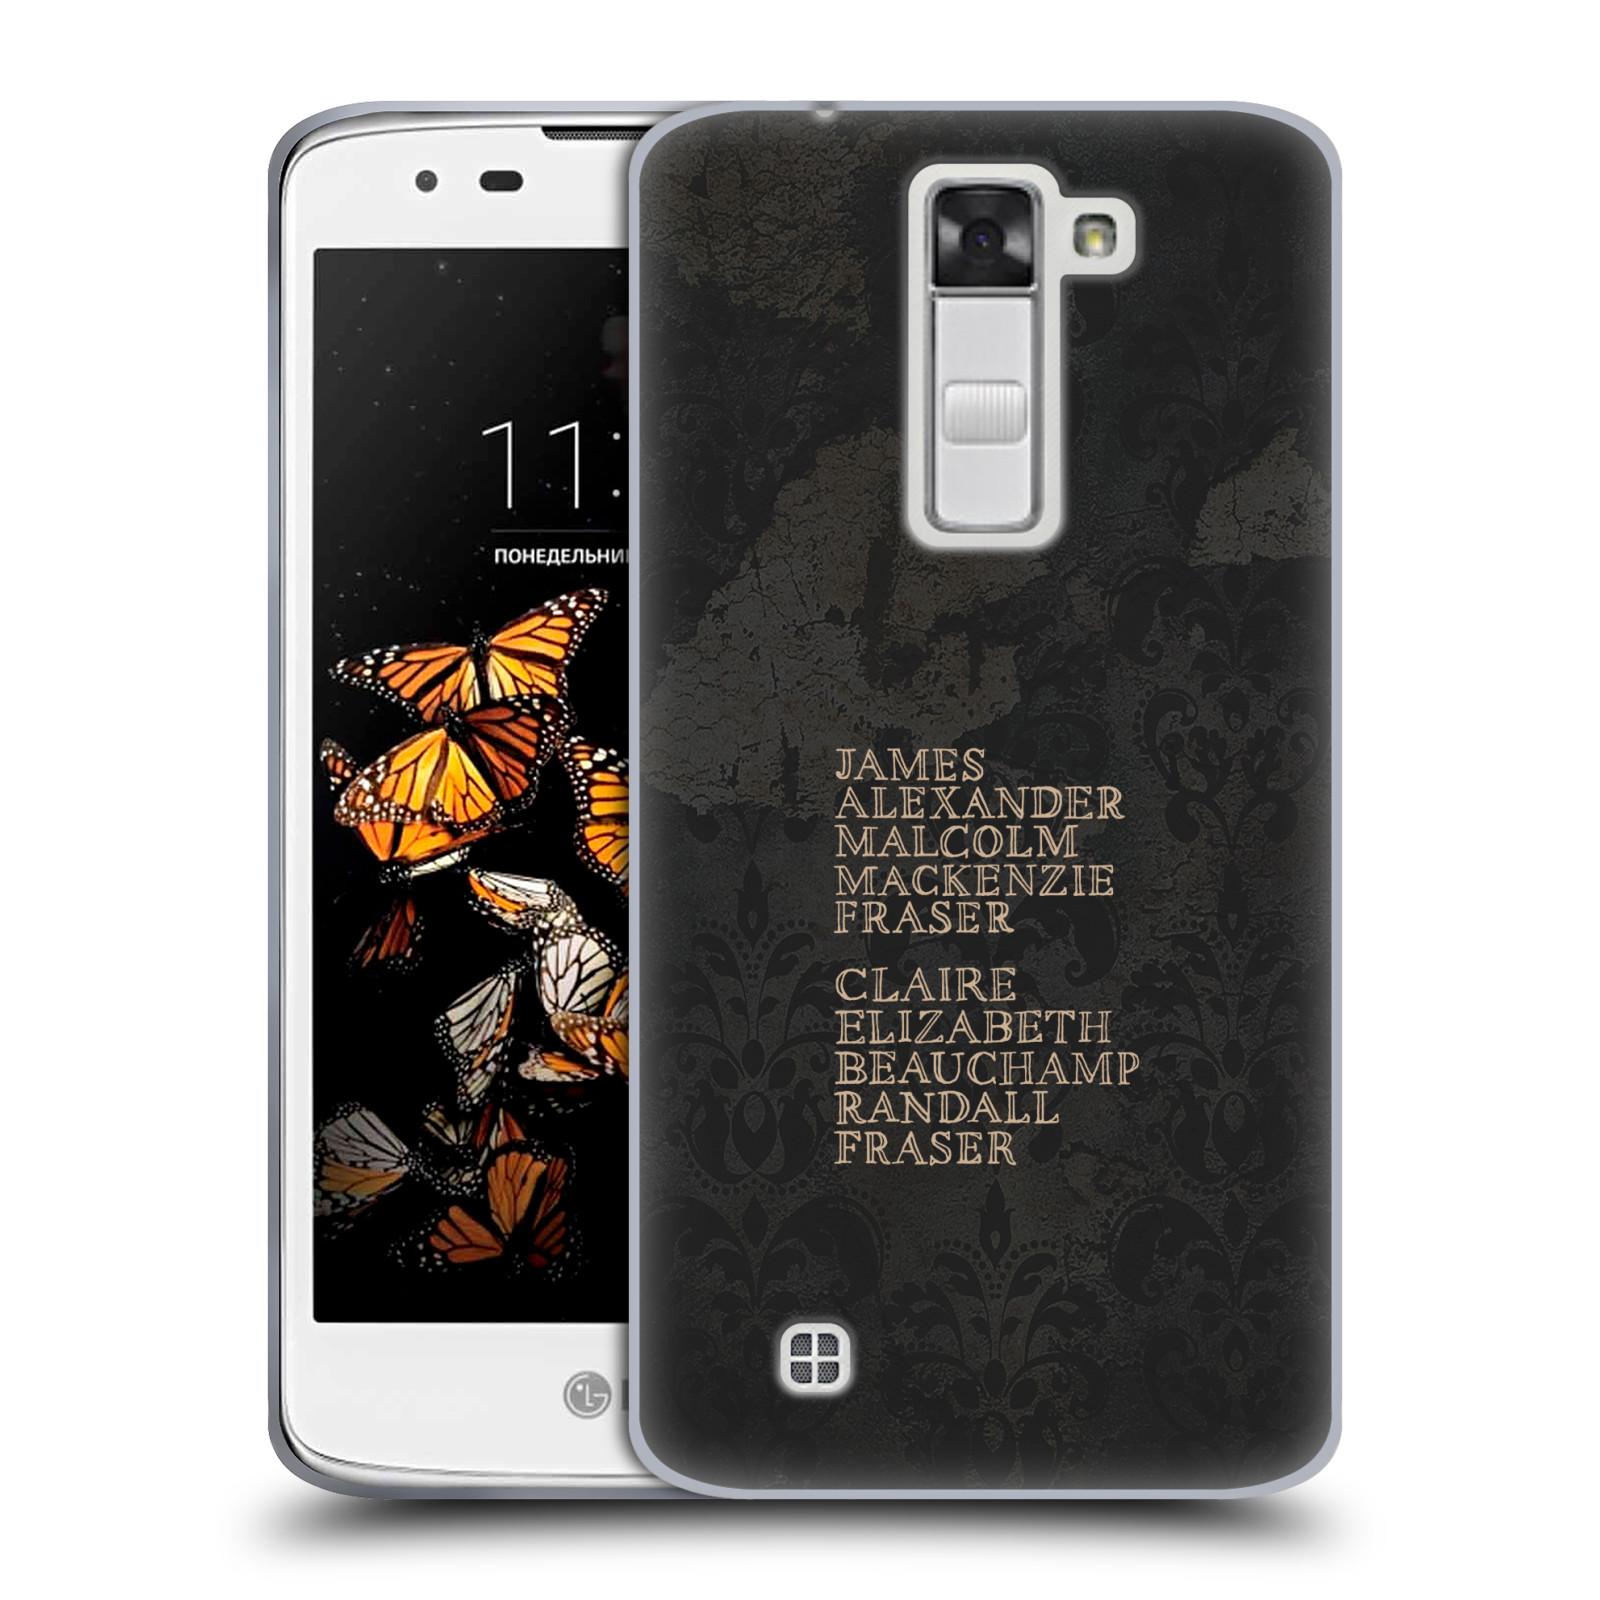 OFFICIAL-OUTLANDER-GRAPHICS-SOFT-GEL-CASE-FOR-LG-PHONES-2